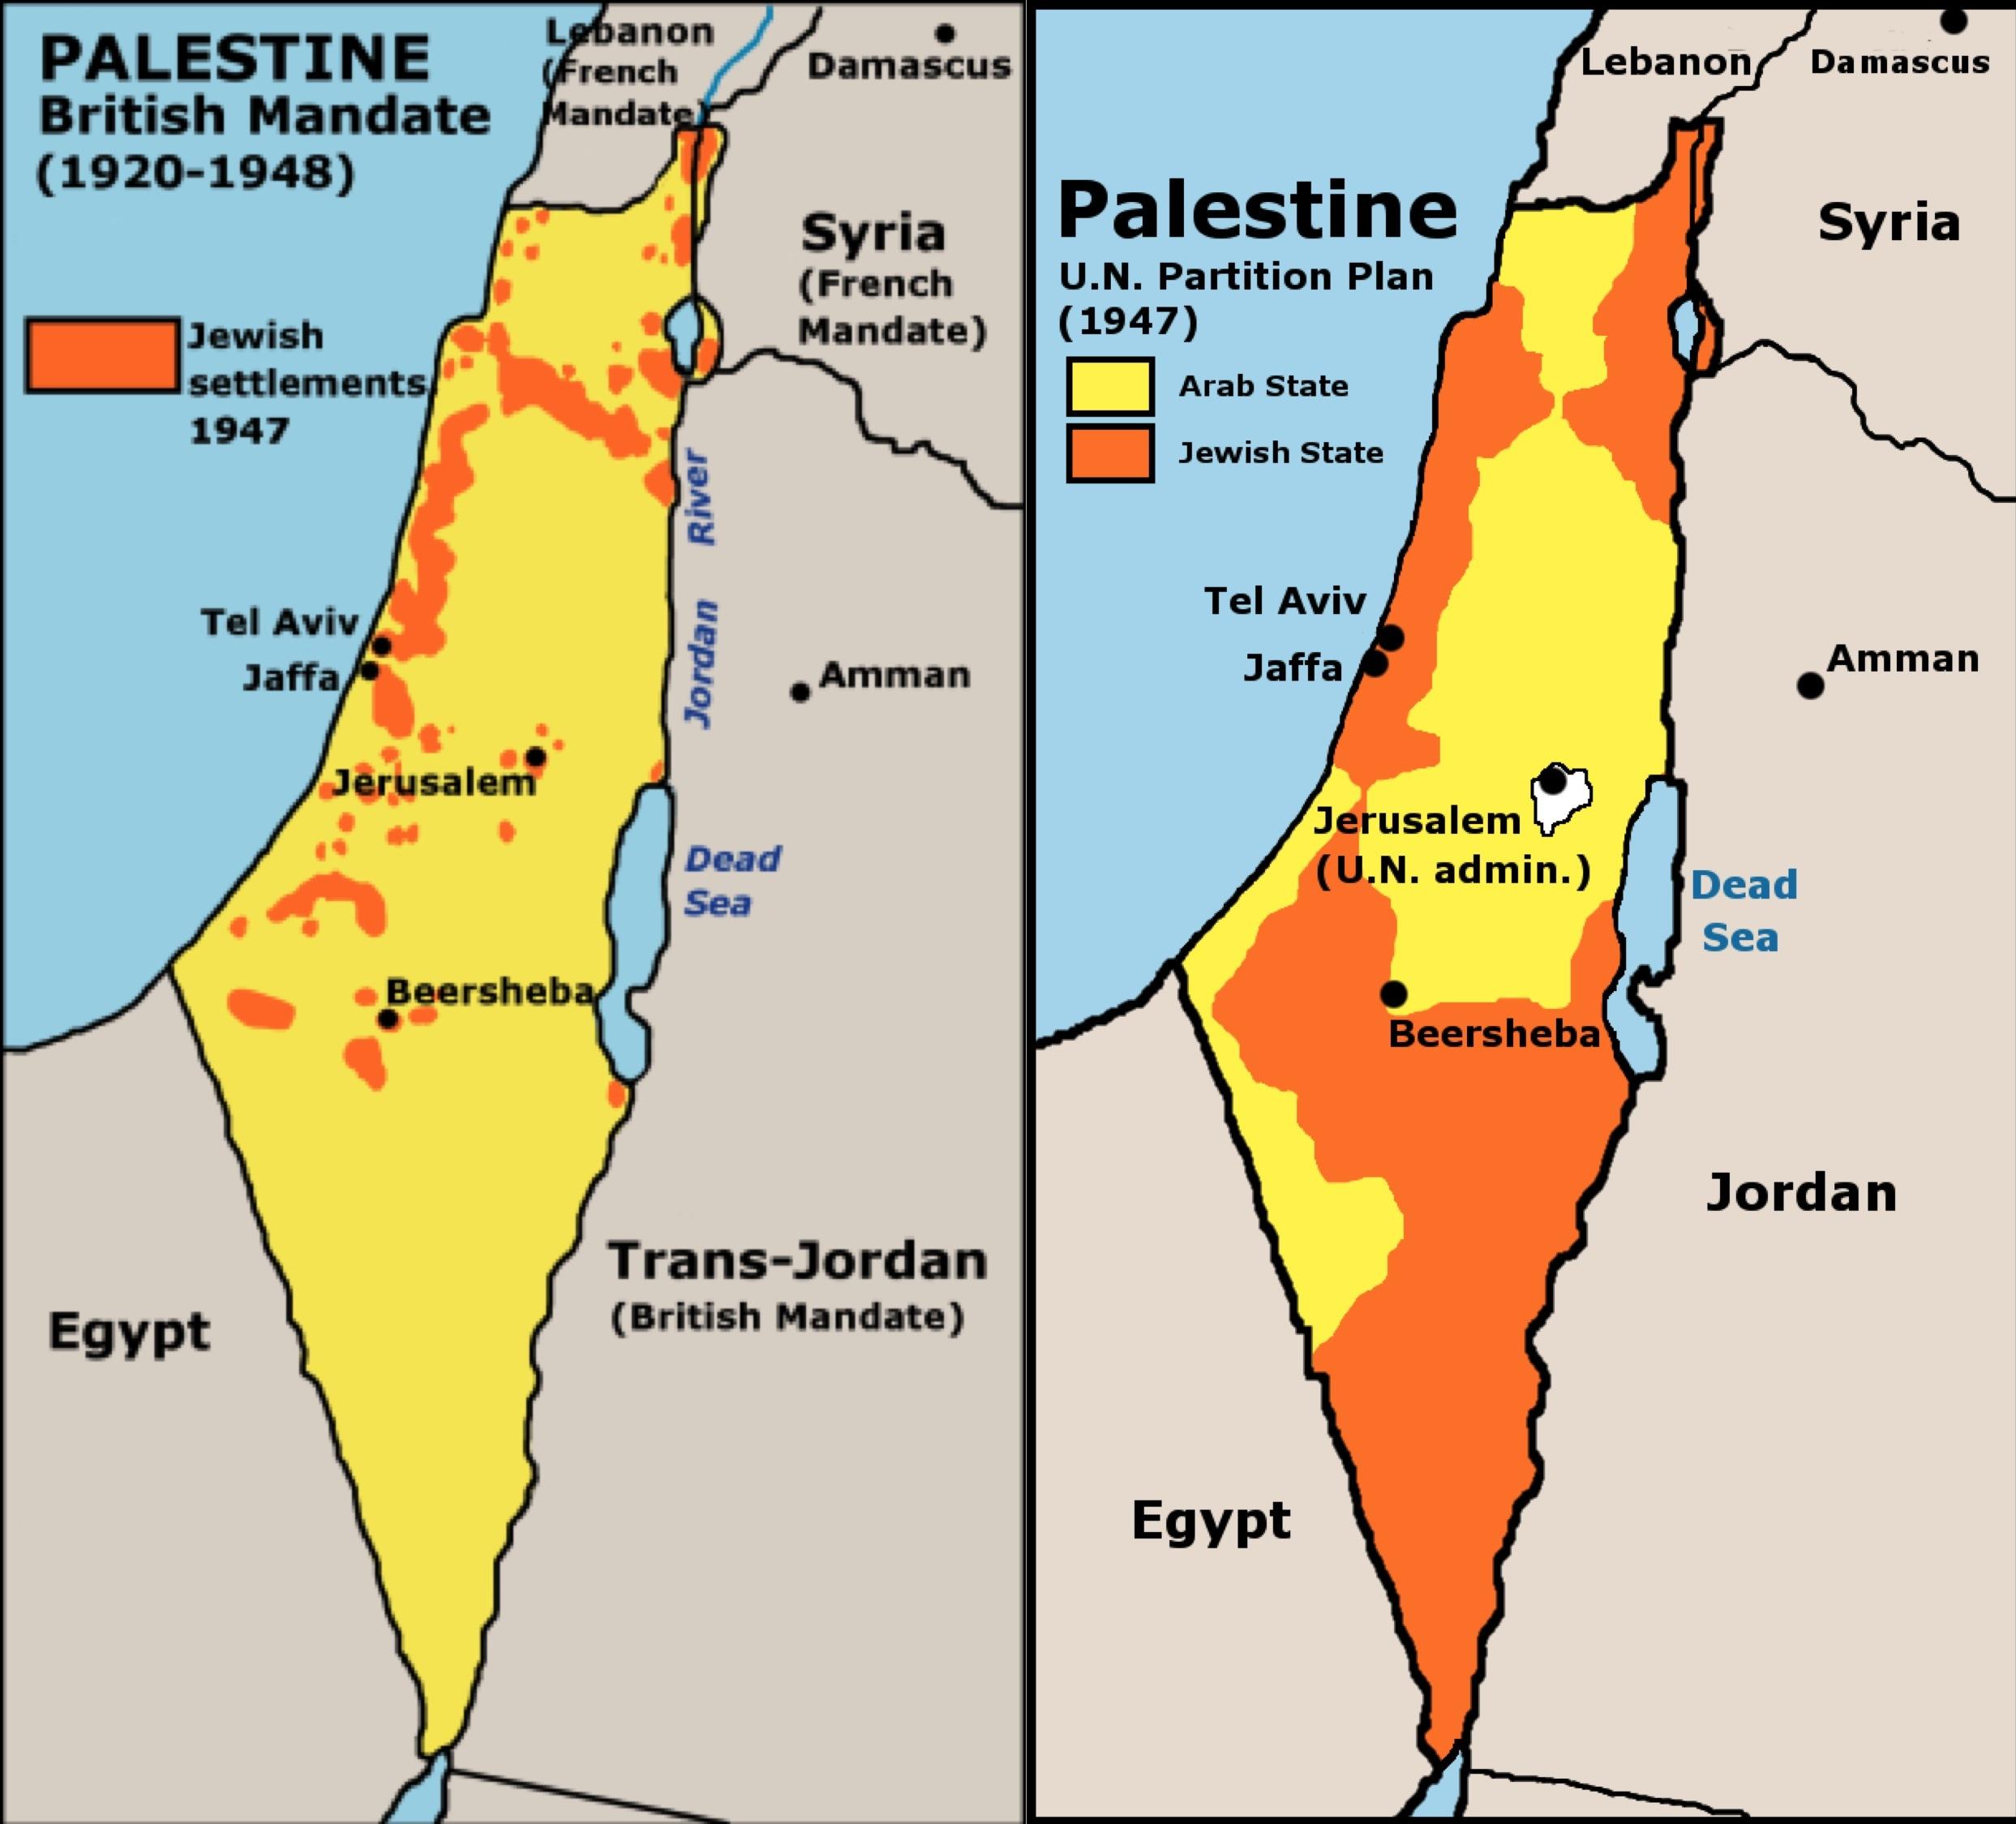 Stato Di Israele Cartina 2019.Il Conflitto Israelo Palestinese Che Non Finira Mai Hic Rhodus